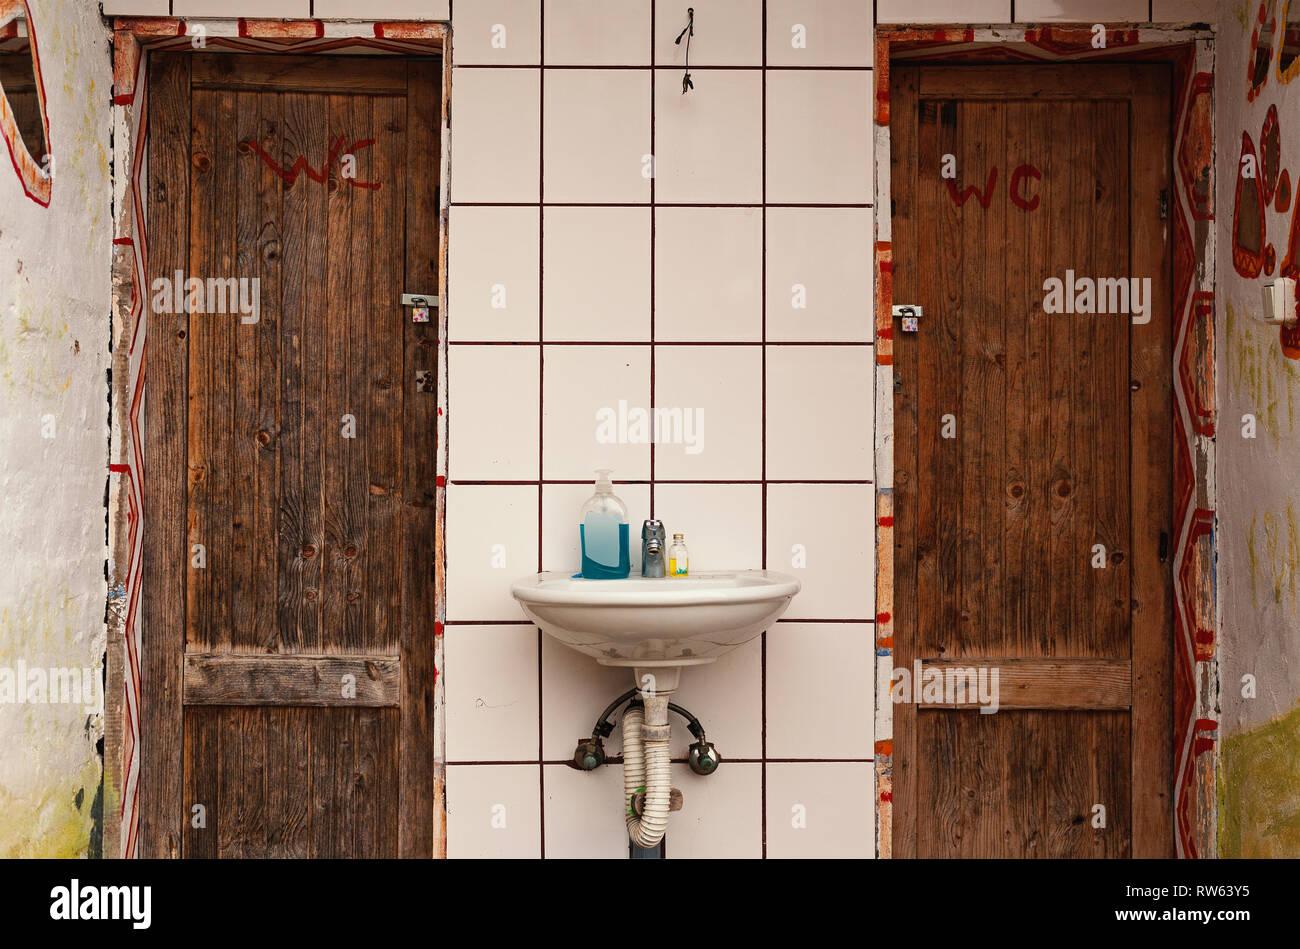 Amazing Alte Türen Dekorieren Ideas - hiketoframe.com - hiketoframe.com